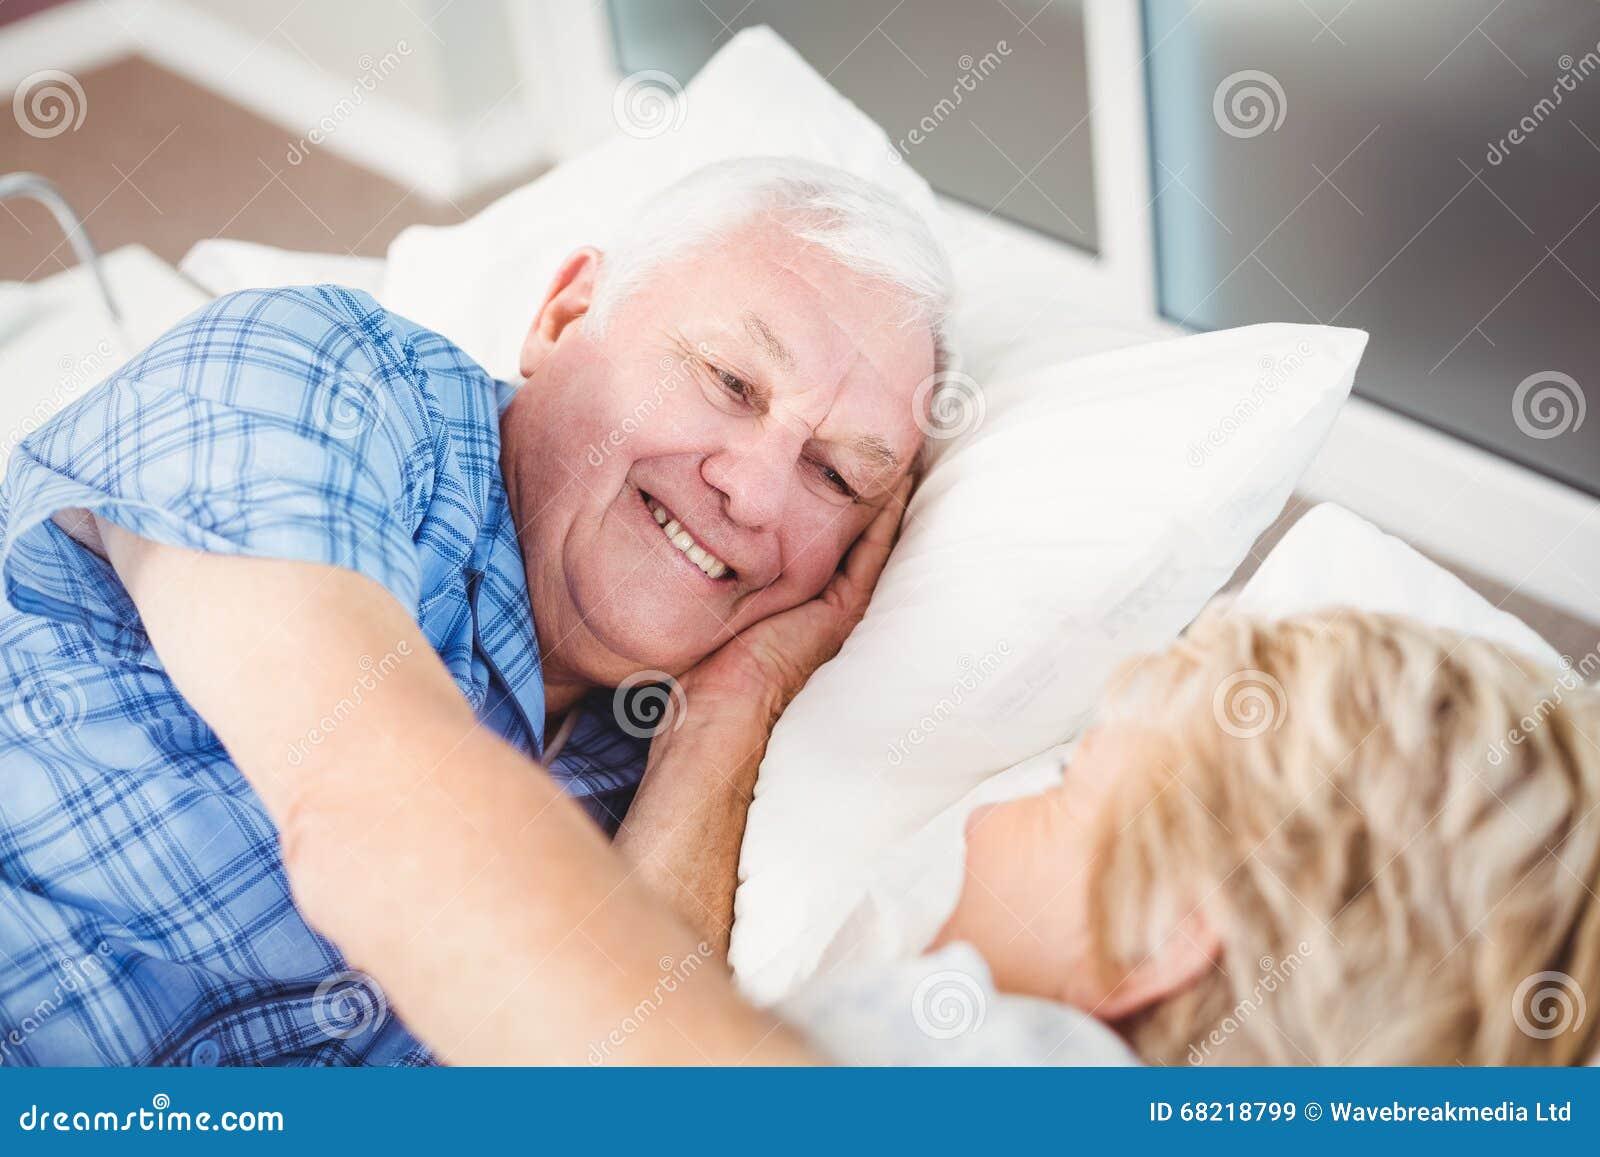 ебут гимнасток русская пожилая пара лежат в кровати были